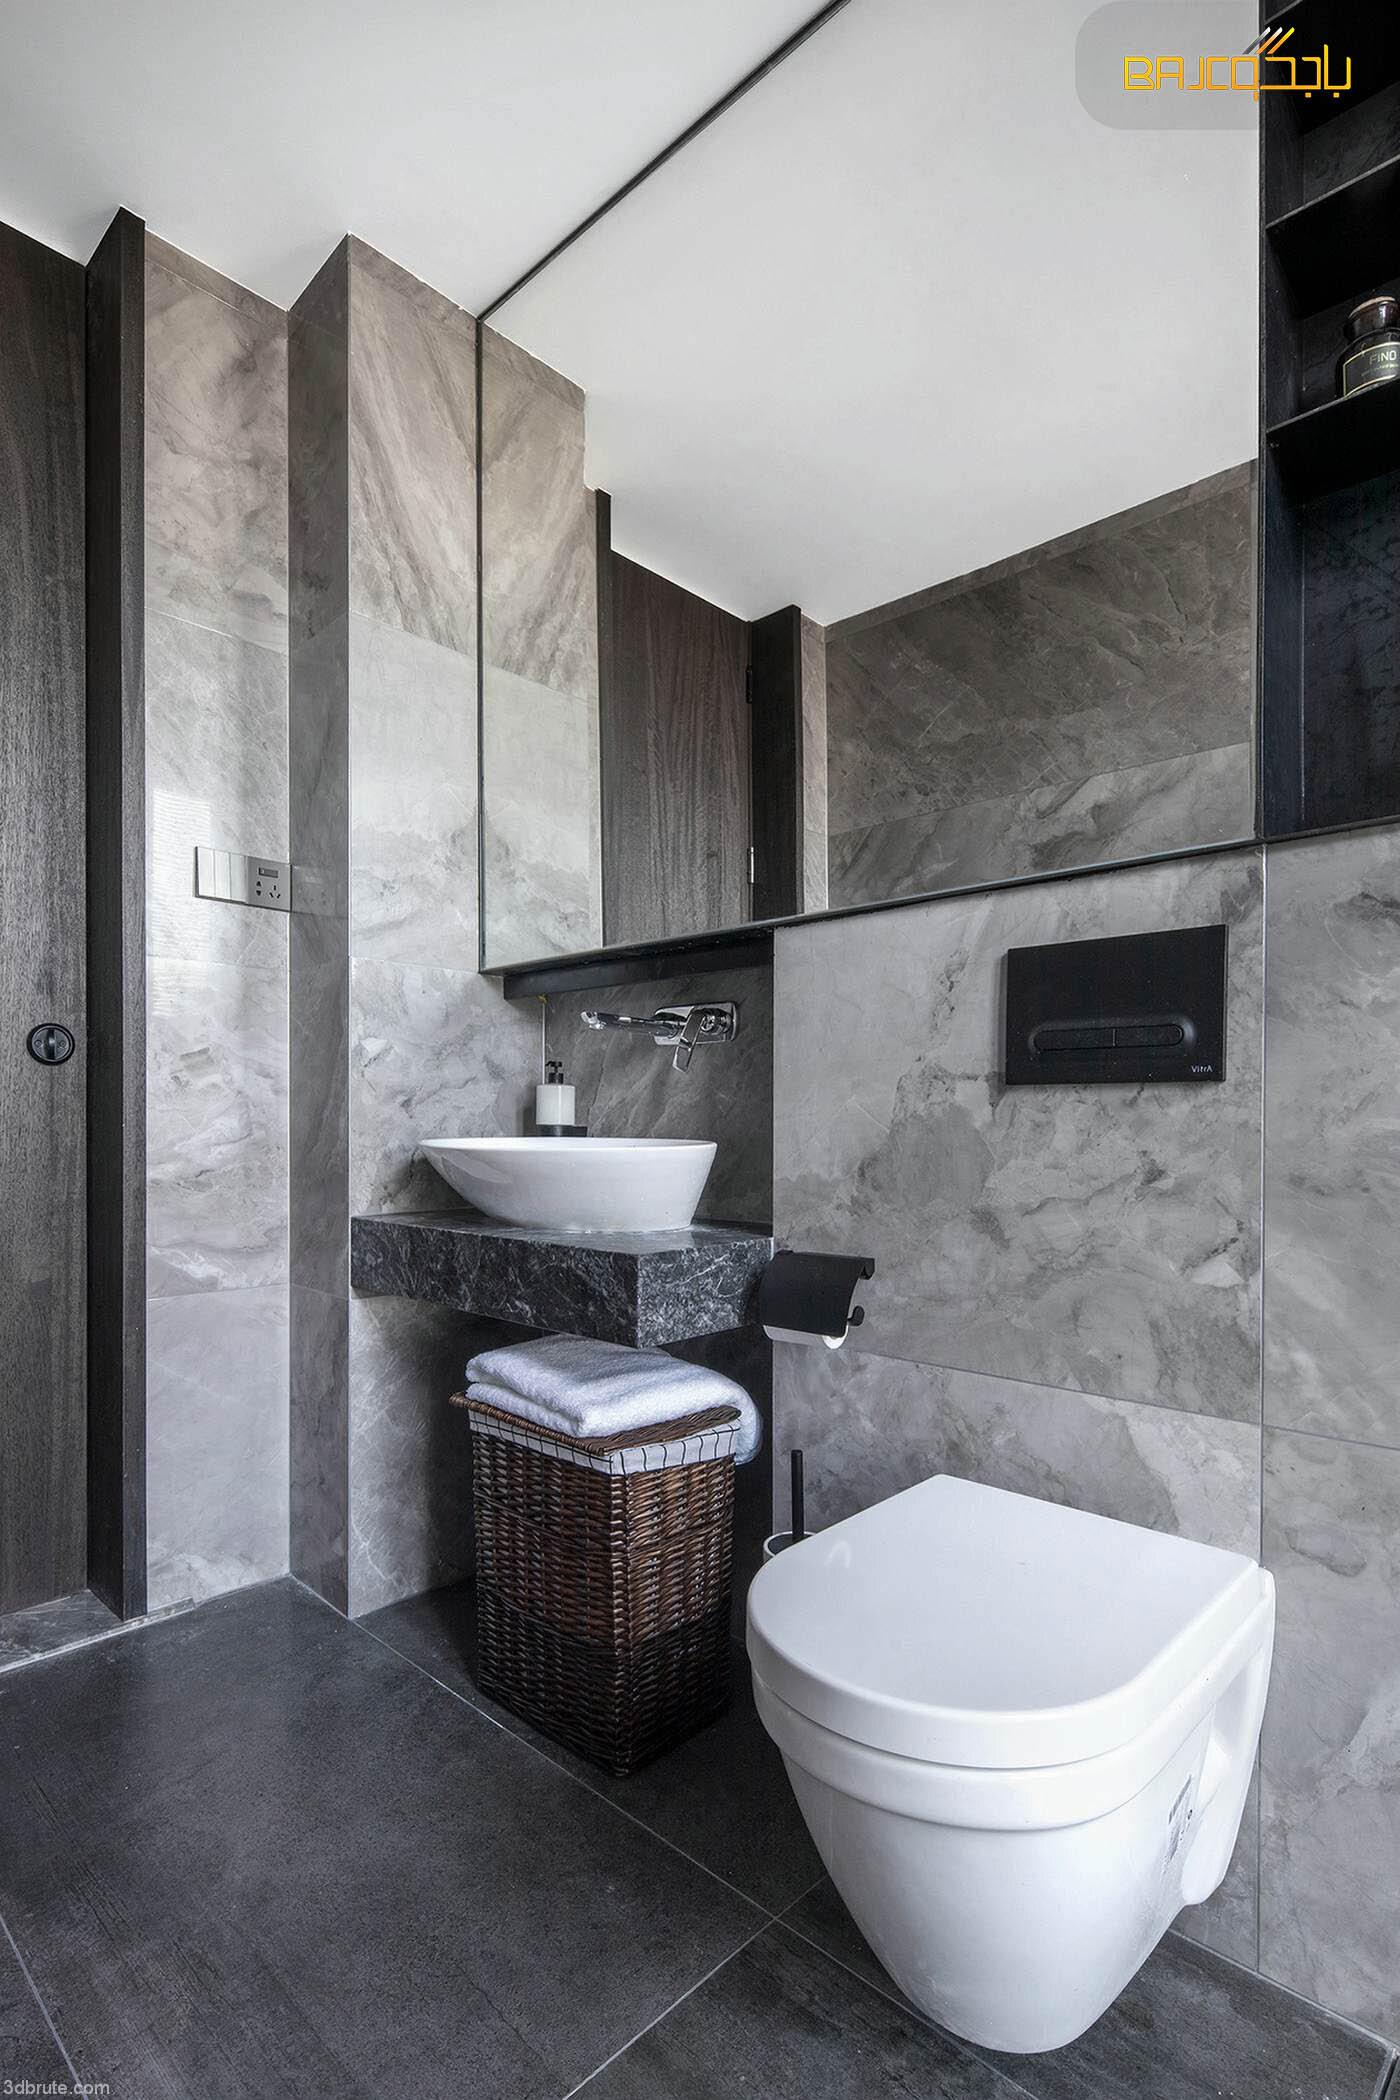 مغسلة رخام داخل الحمام حوض واحد